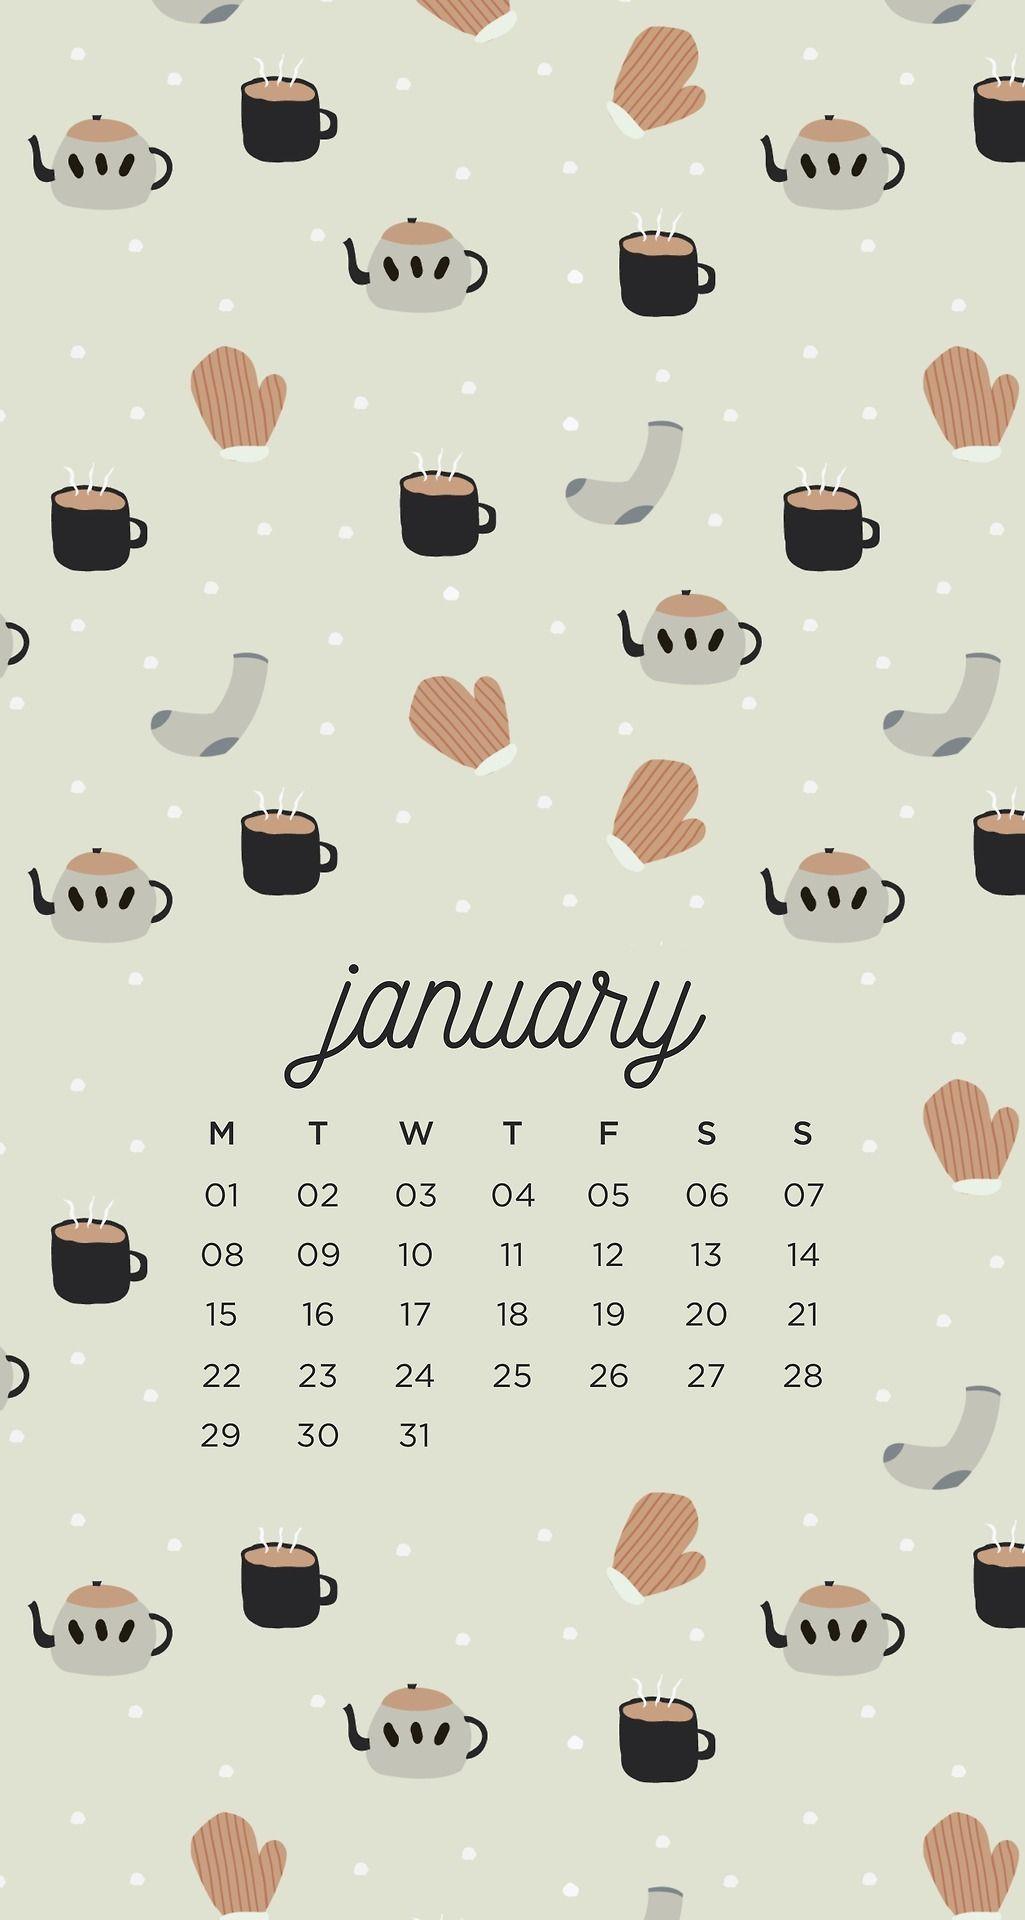 January Winter Phone Calendar Background Wallpaper Calendar